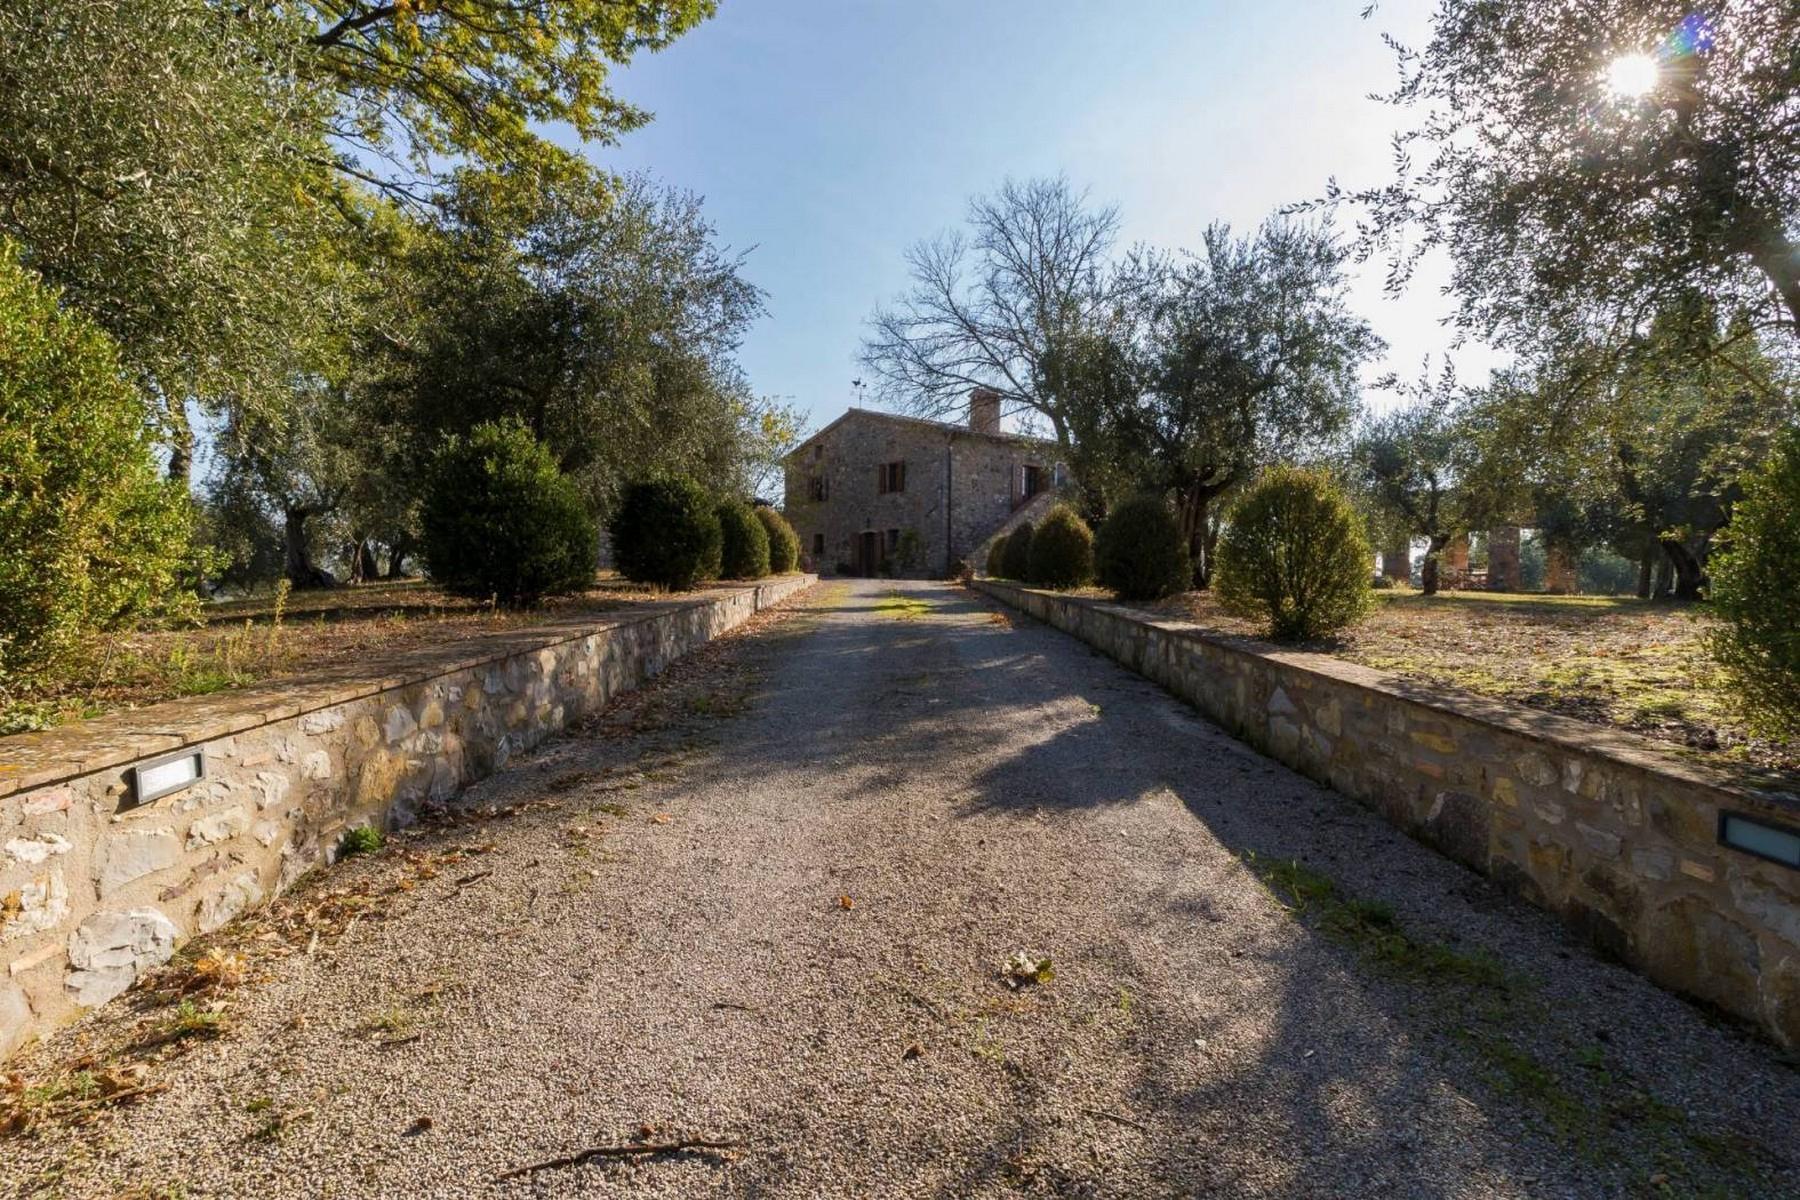 Rustico in Vendita a San Casciano Dei Bagni: 5 locali, 350 mq - Foto 17